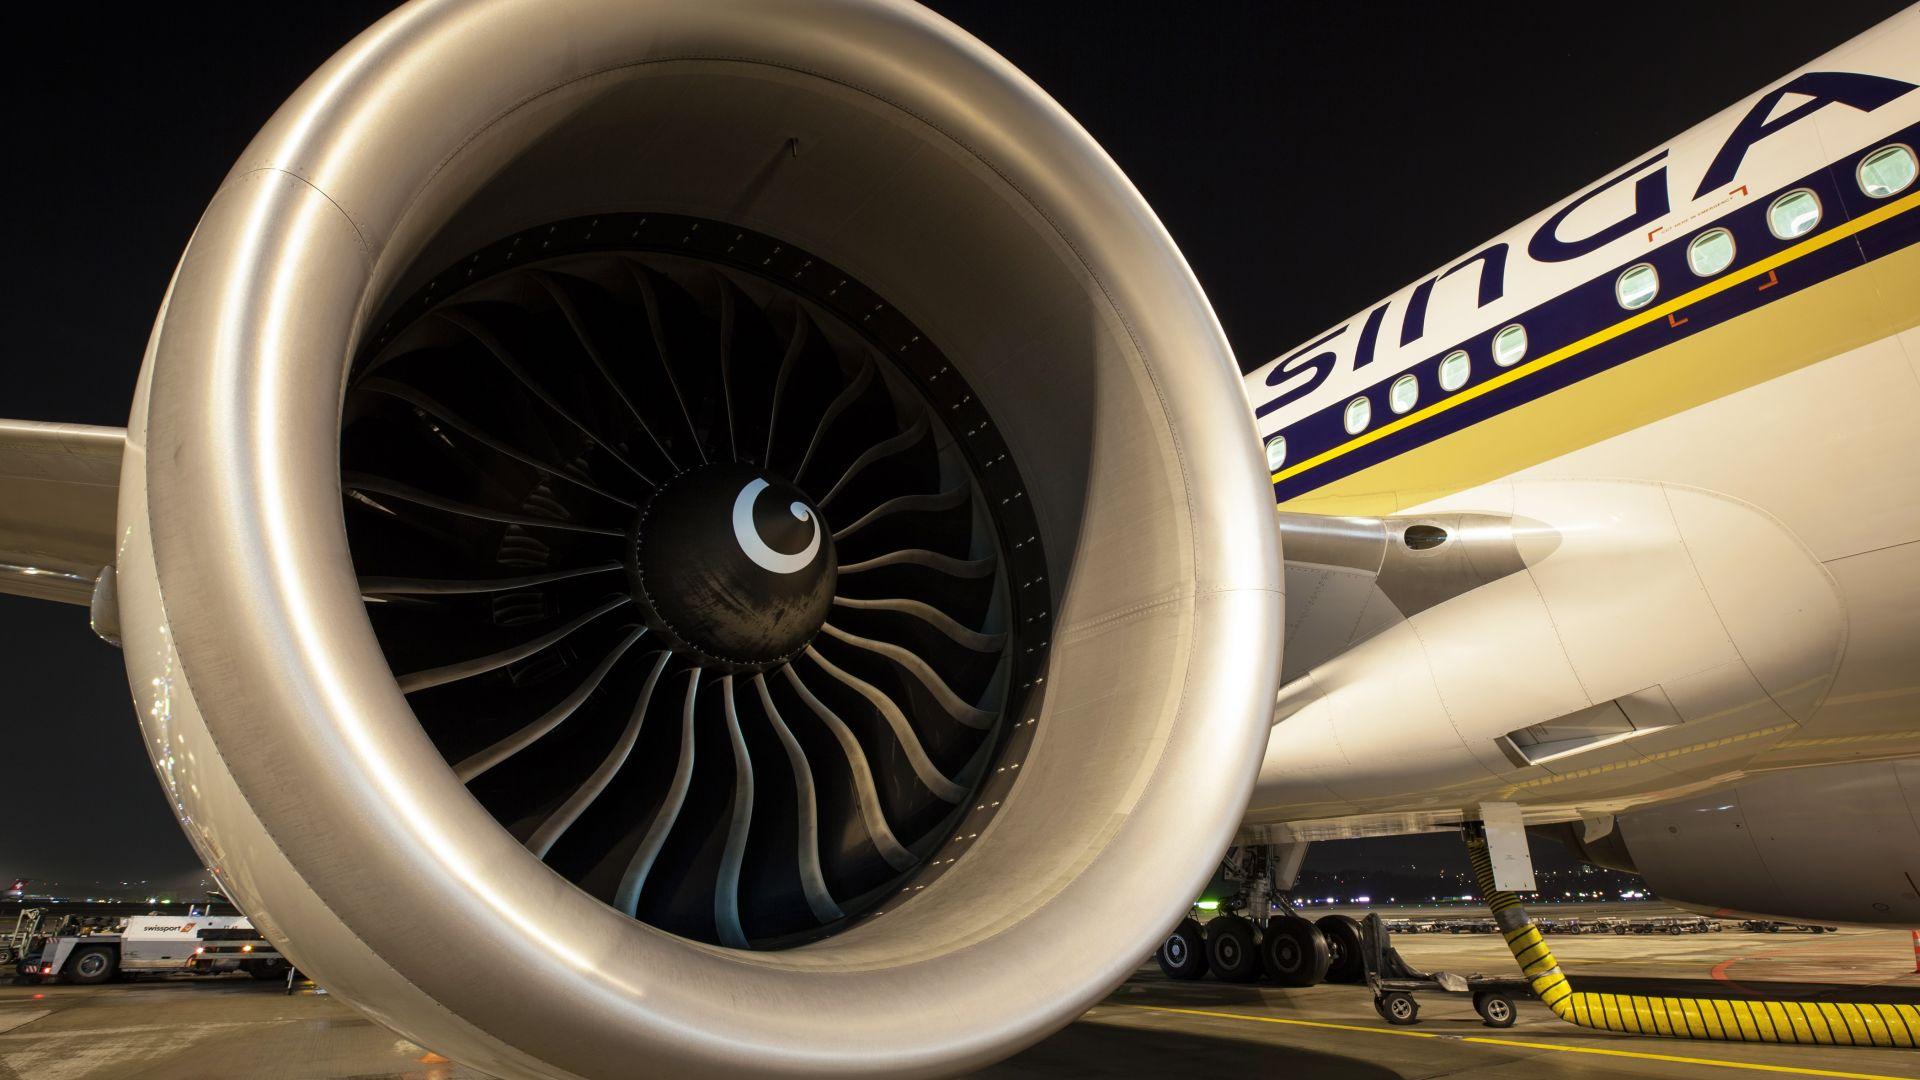 Дженерал електрик съкращава над 10 000 работни места в авиацията